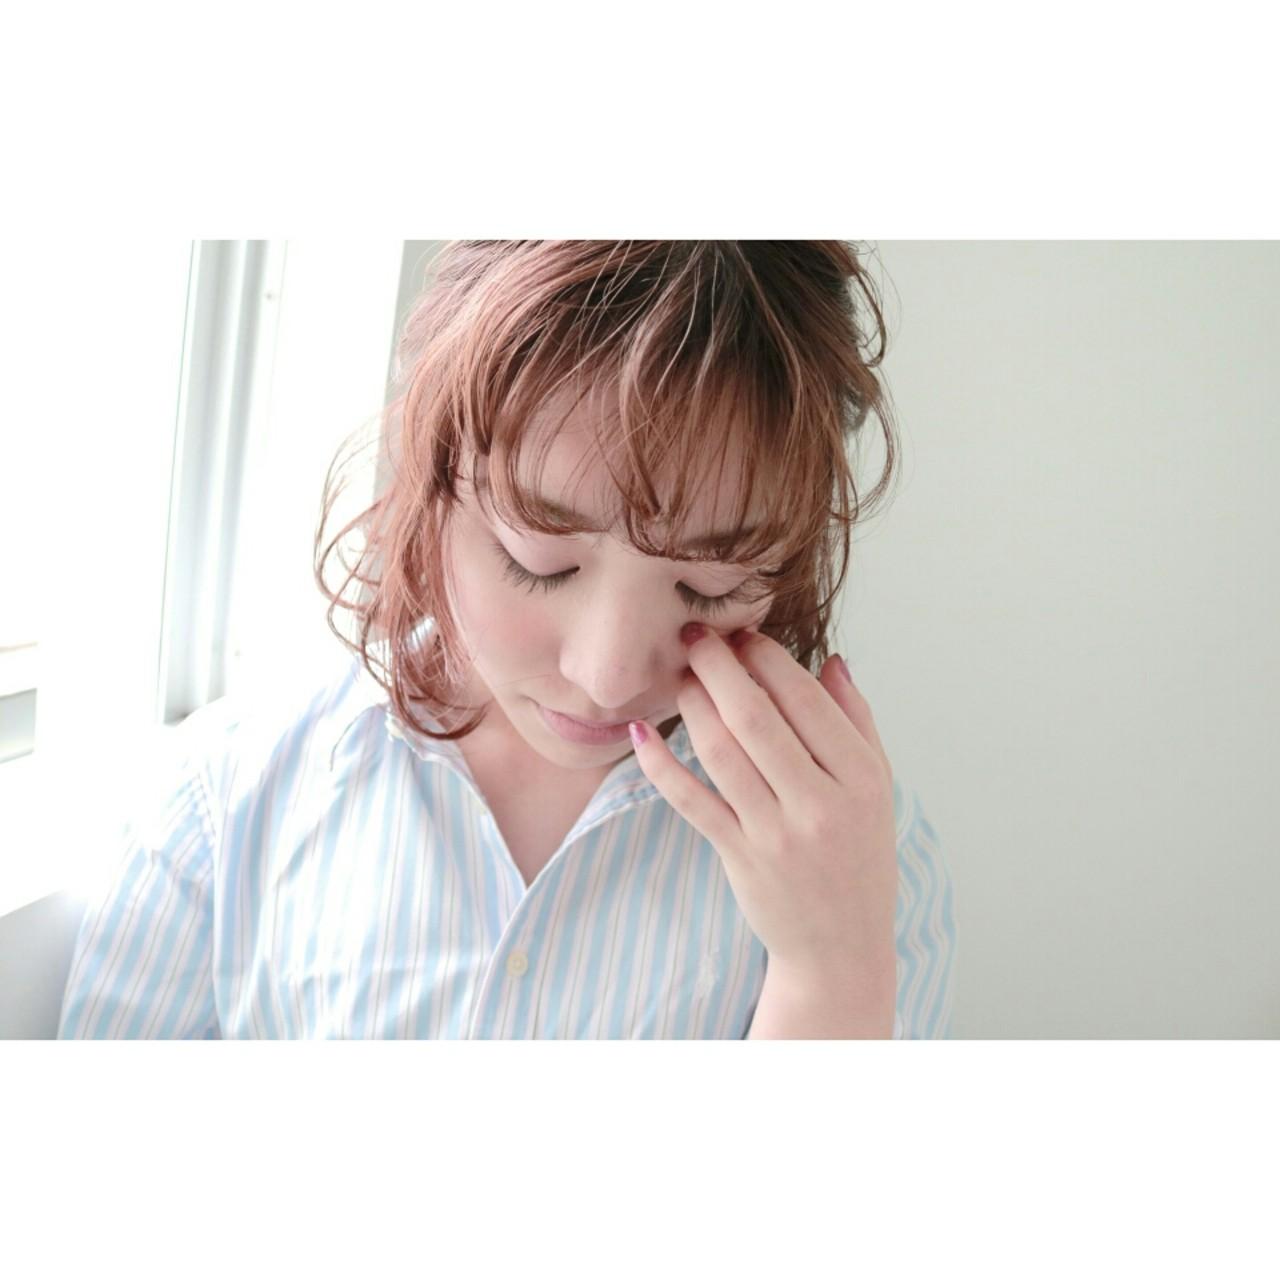 小顔 ヘアアレンジ ナチュラル 大人かわいい ヘアスタイルや髪型の写真・画像 | 丸山悟 / DEARL